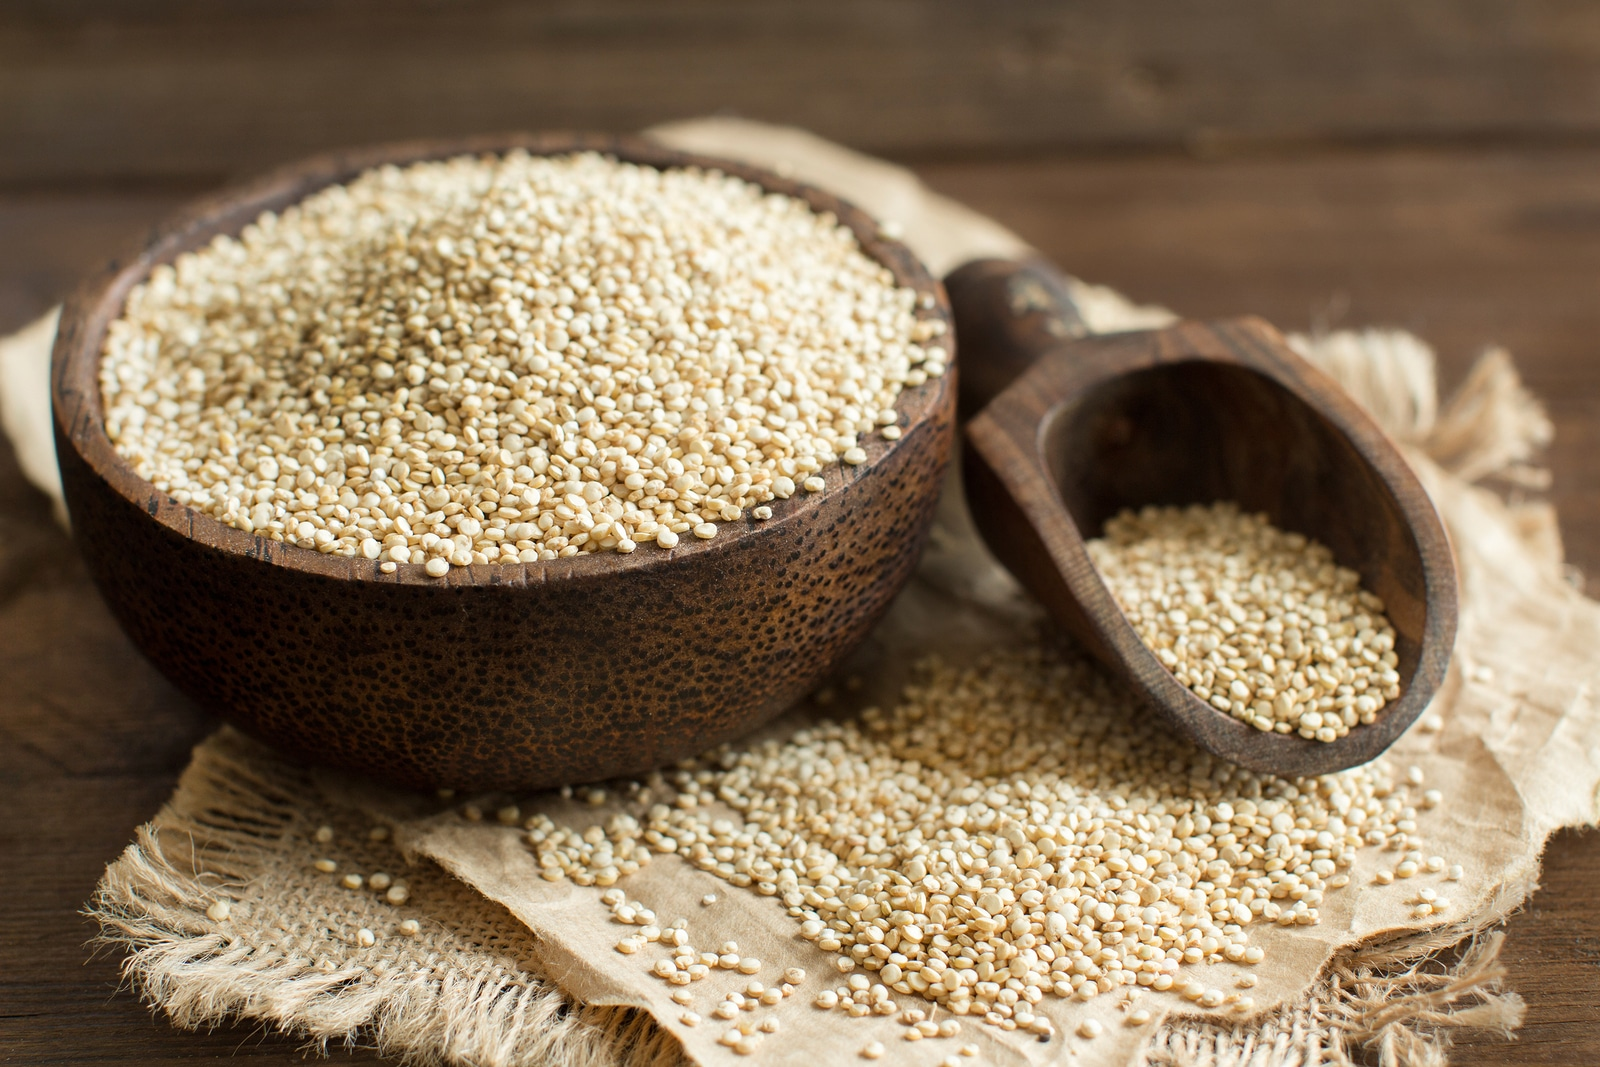 Increíbles beneficios de la Quinoa